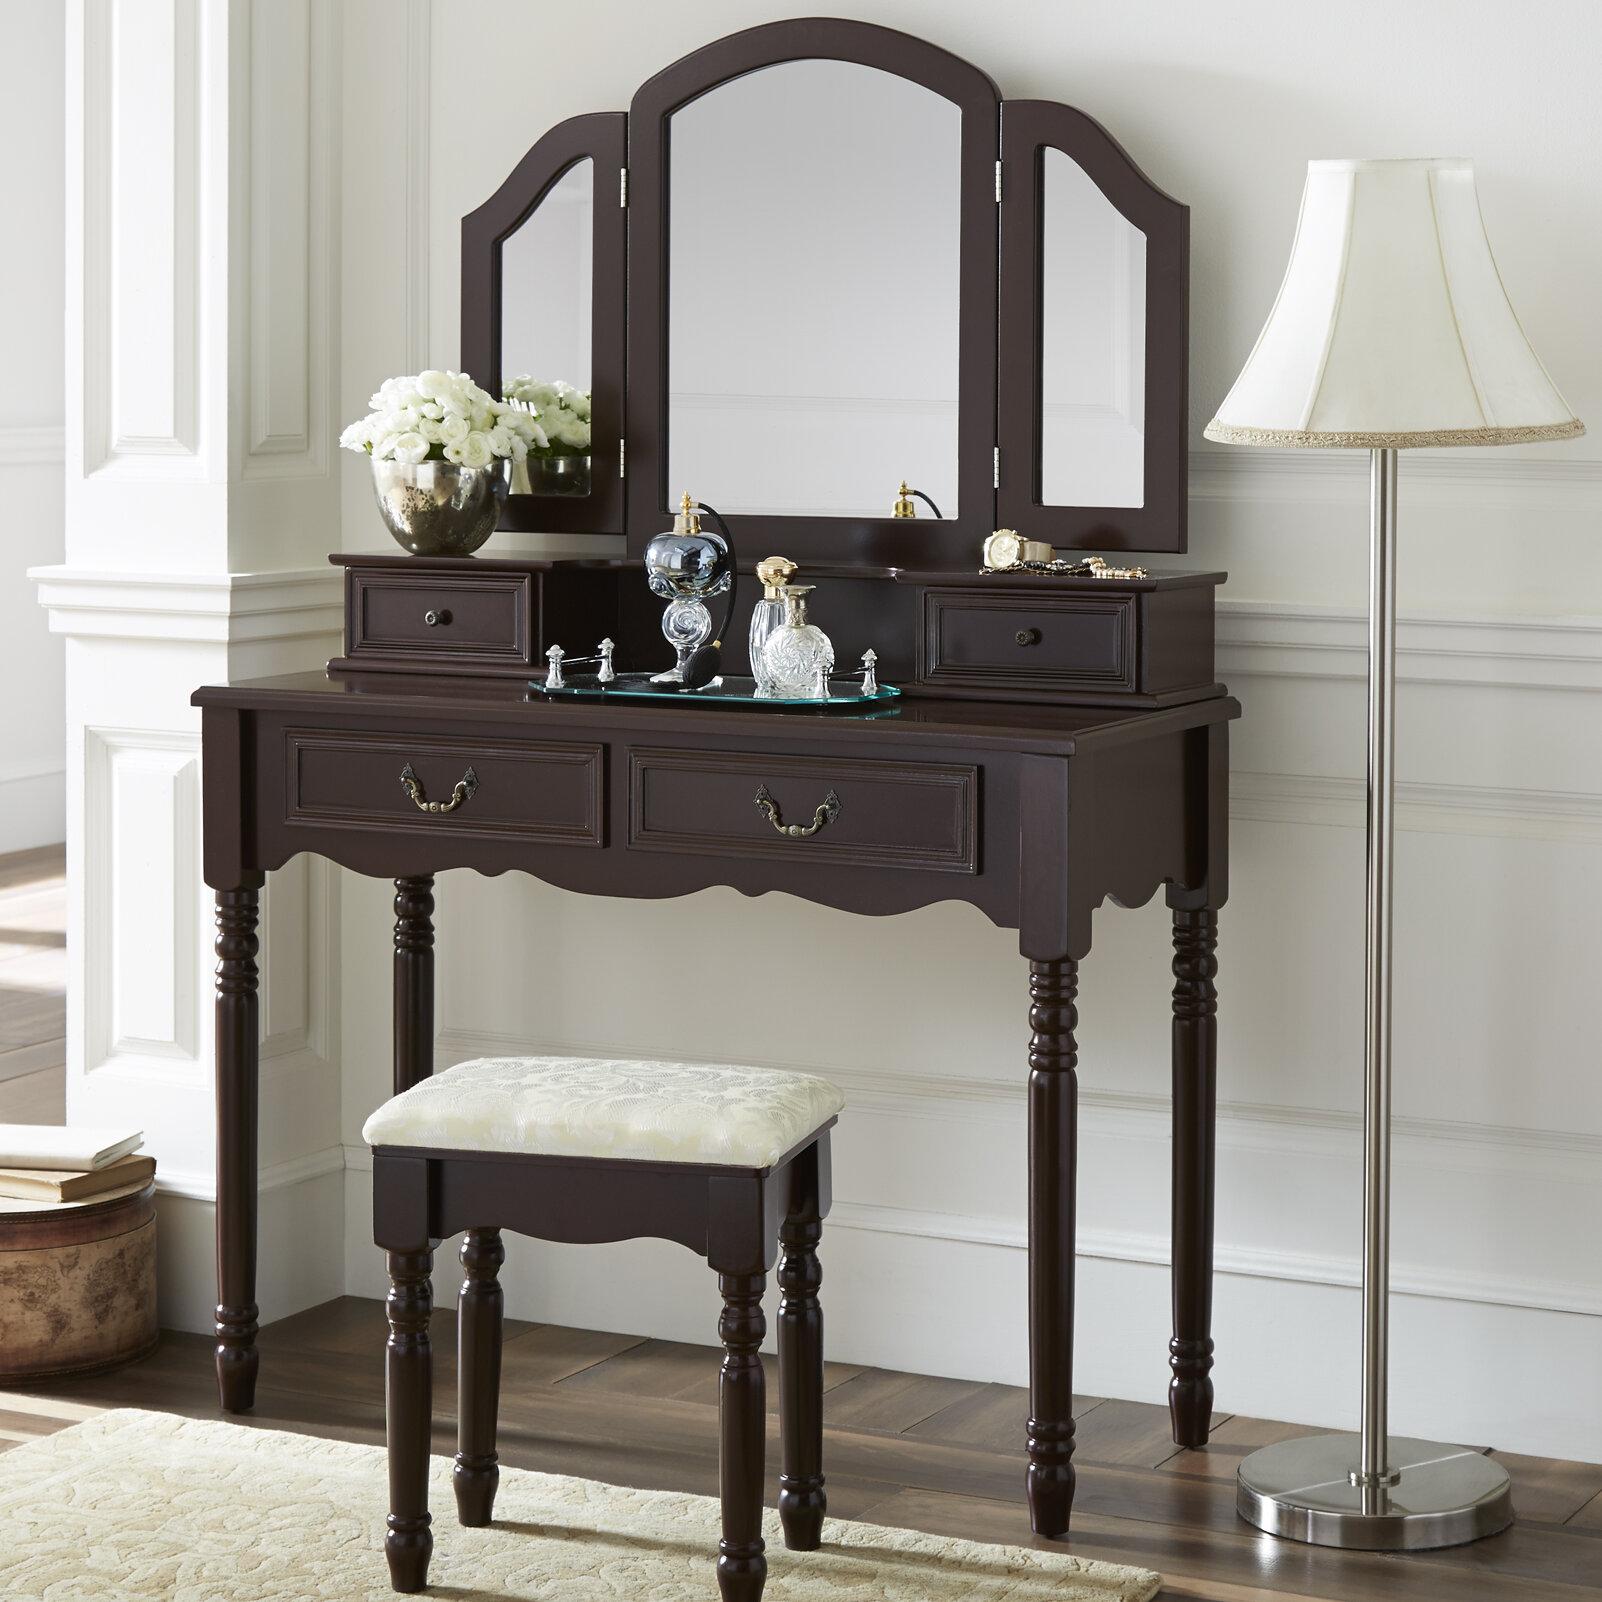 Darby Home Co Felda Elegant Dressing Vanity Set With Mirror U0026 Reviews |  Wayfair